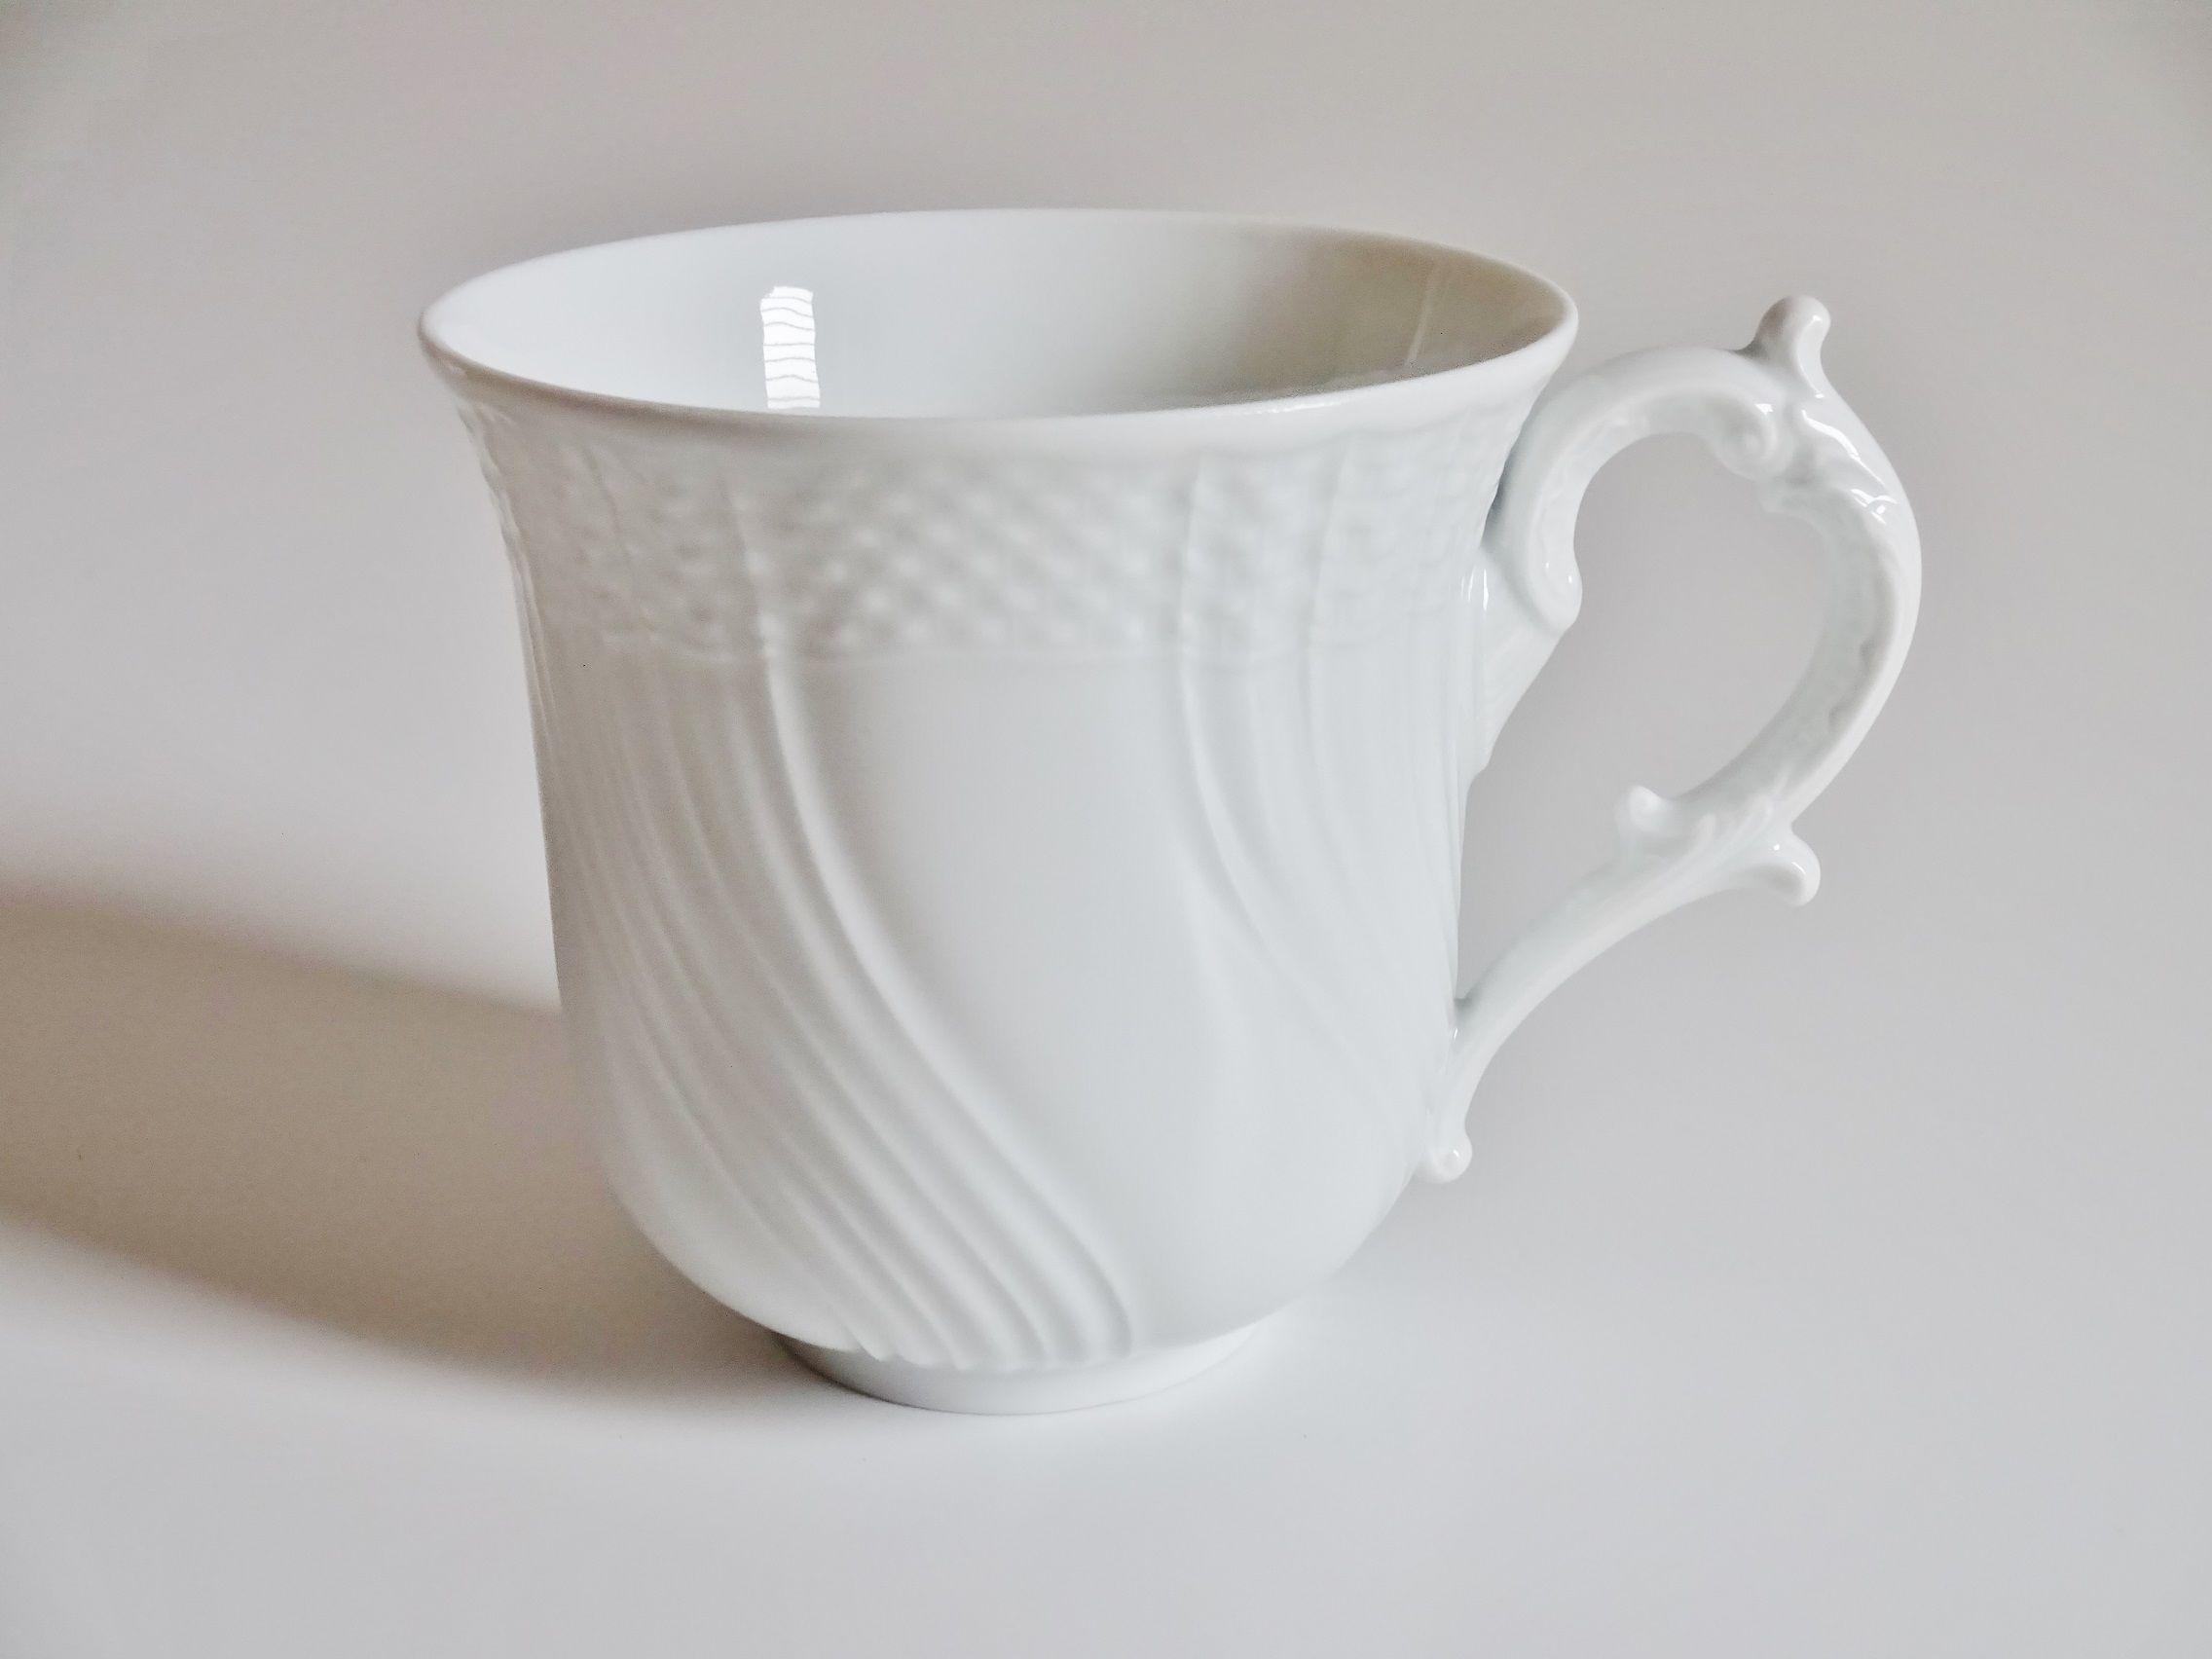 リチャードジノリ ベッキオホワイト マグカップ